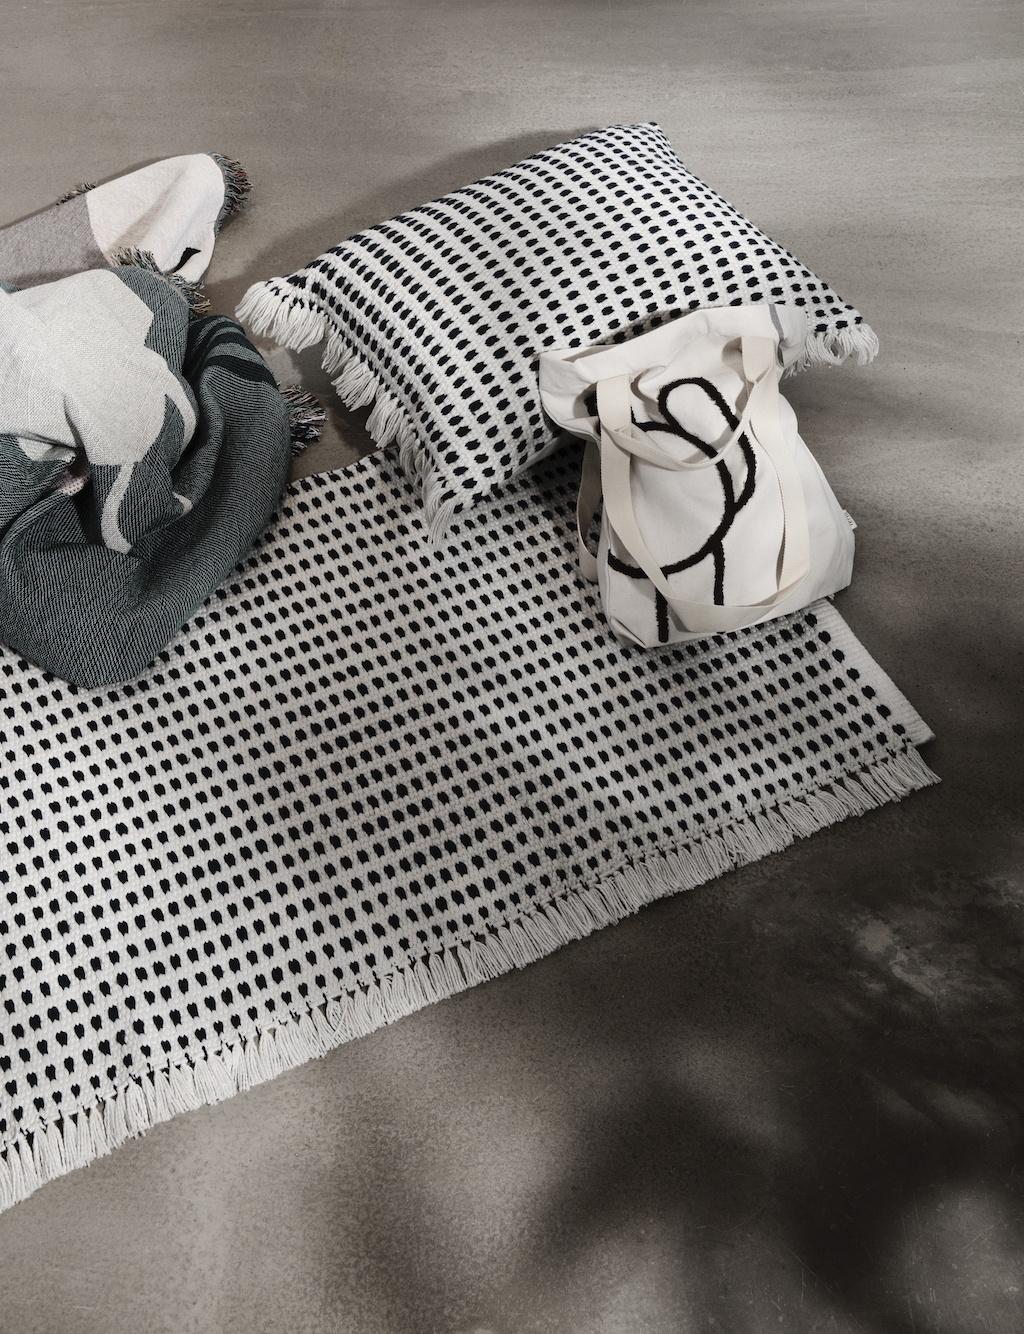 Nachhaltiges Design: WAY Teppich von ferm LIVING auf einem Betonboden